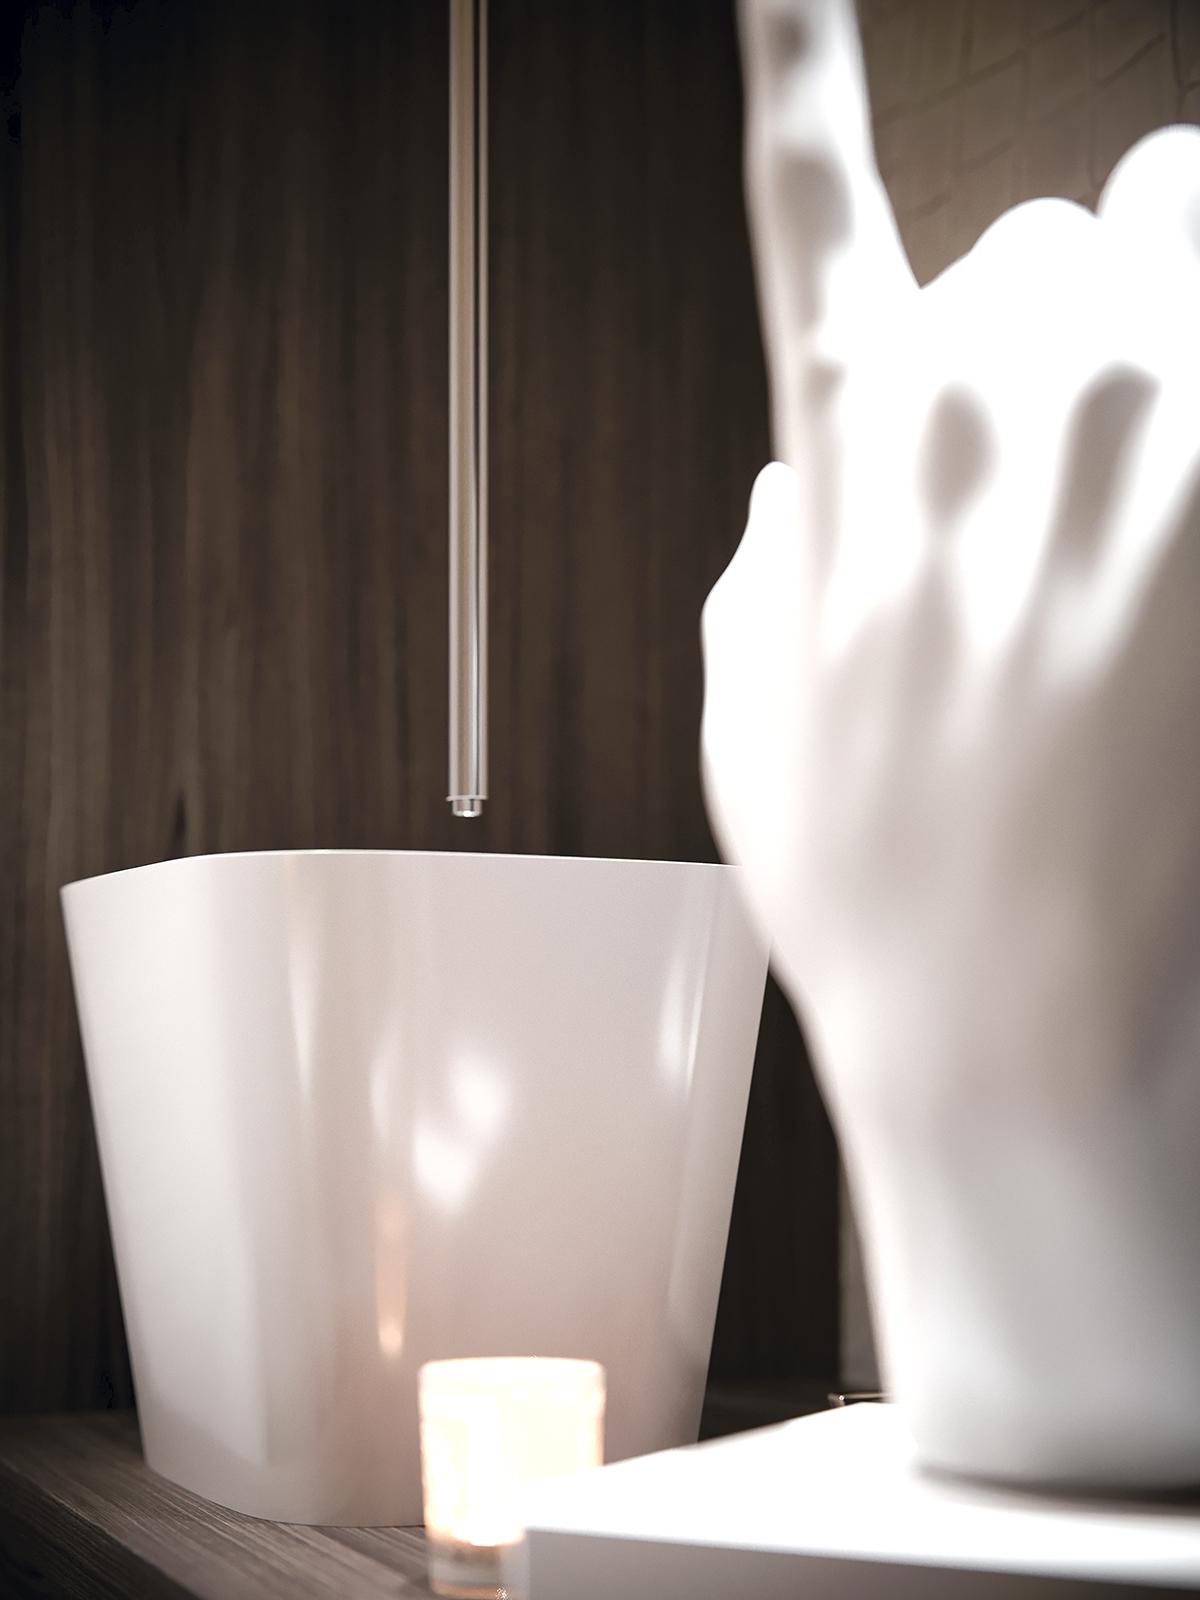 Sleek and Sculptural